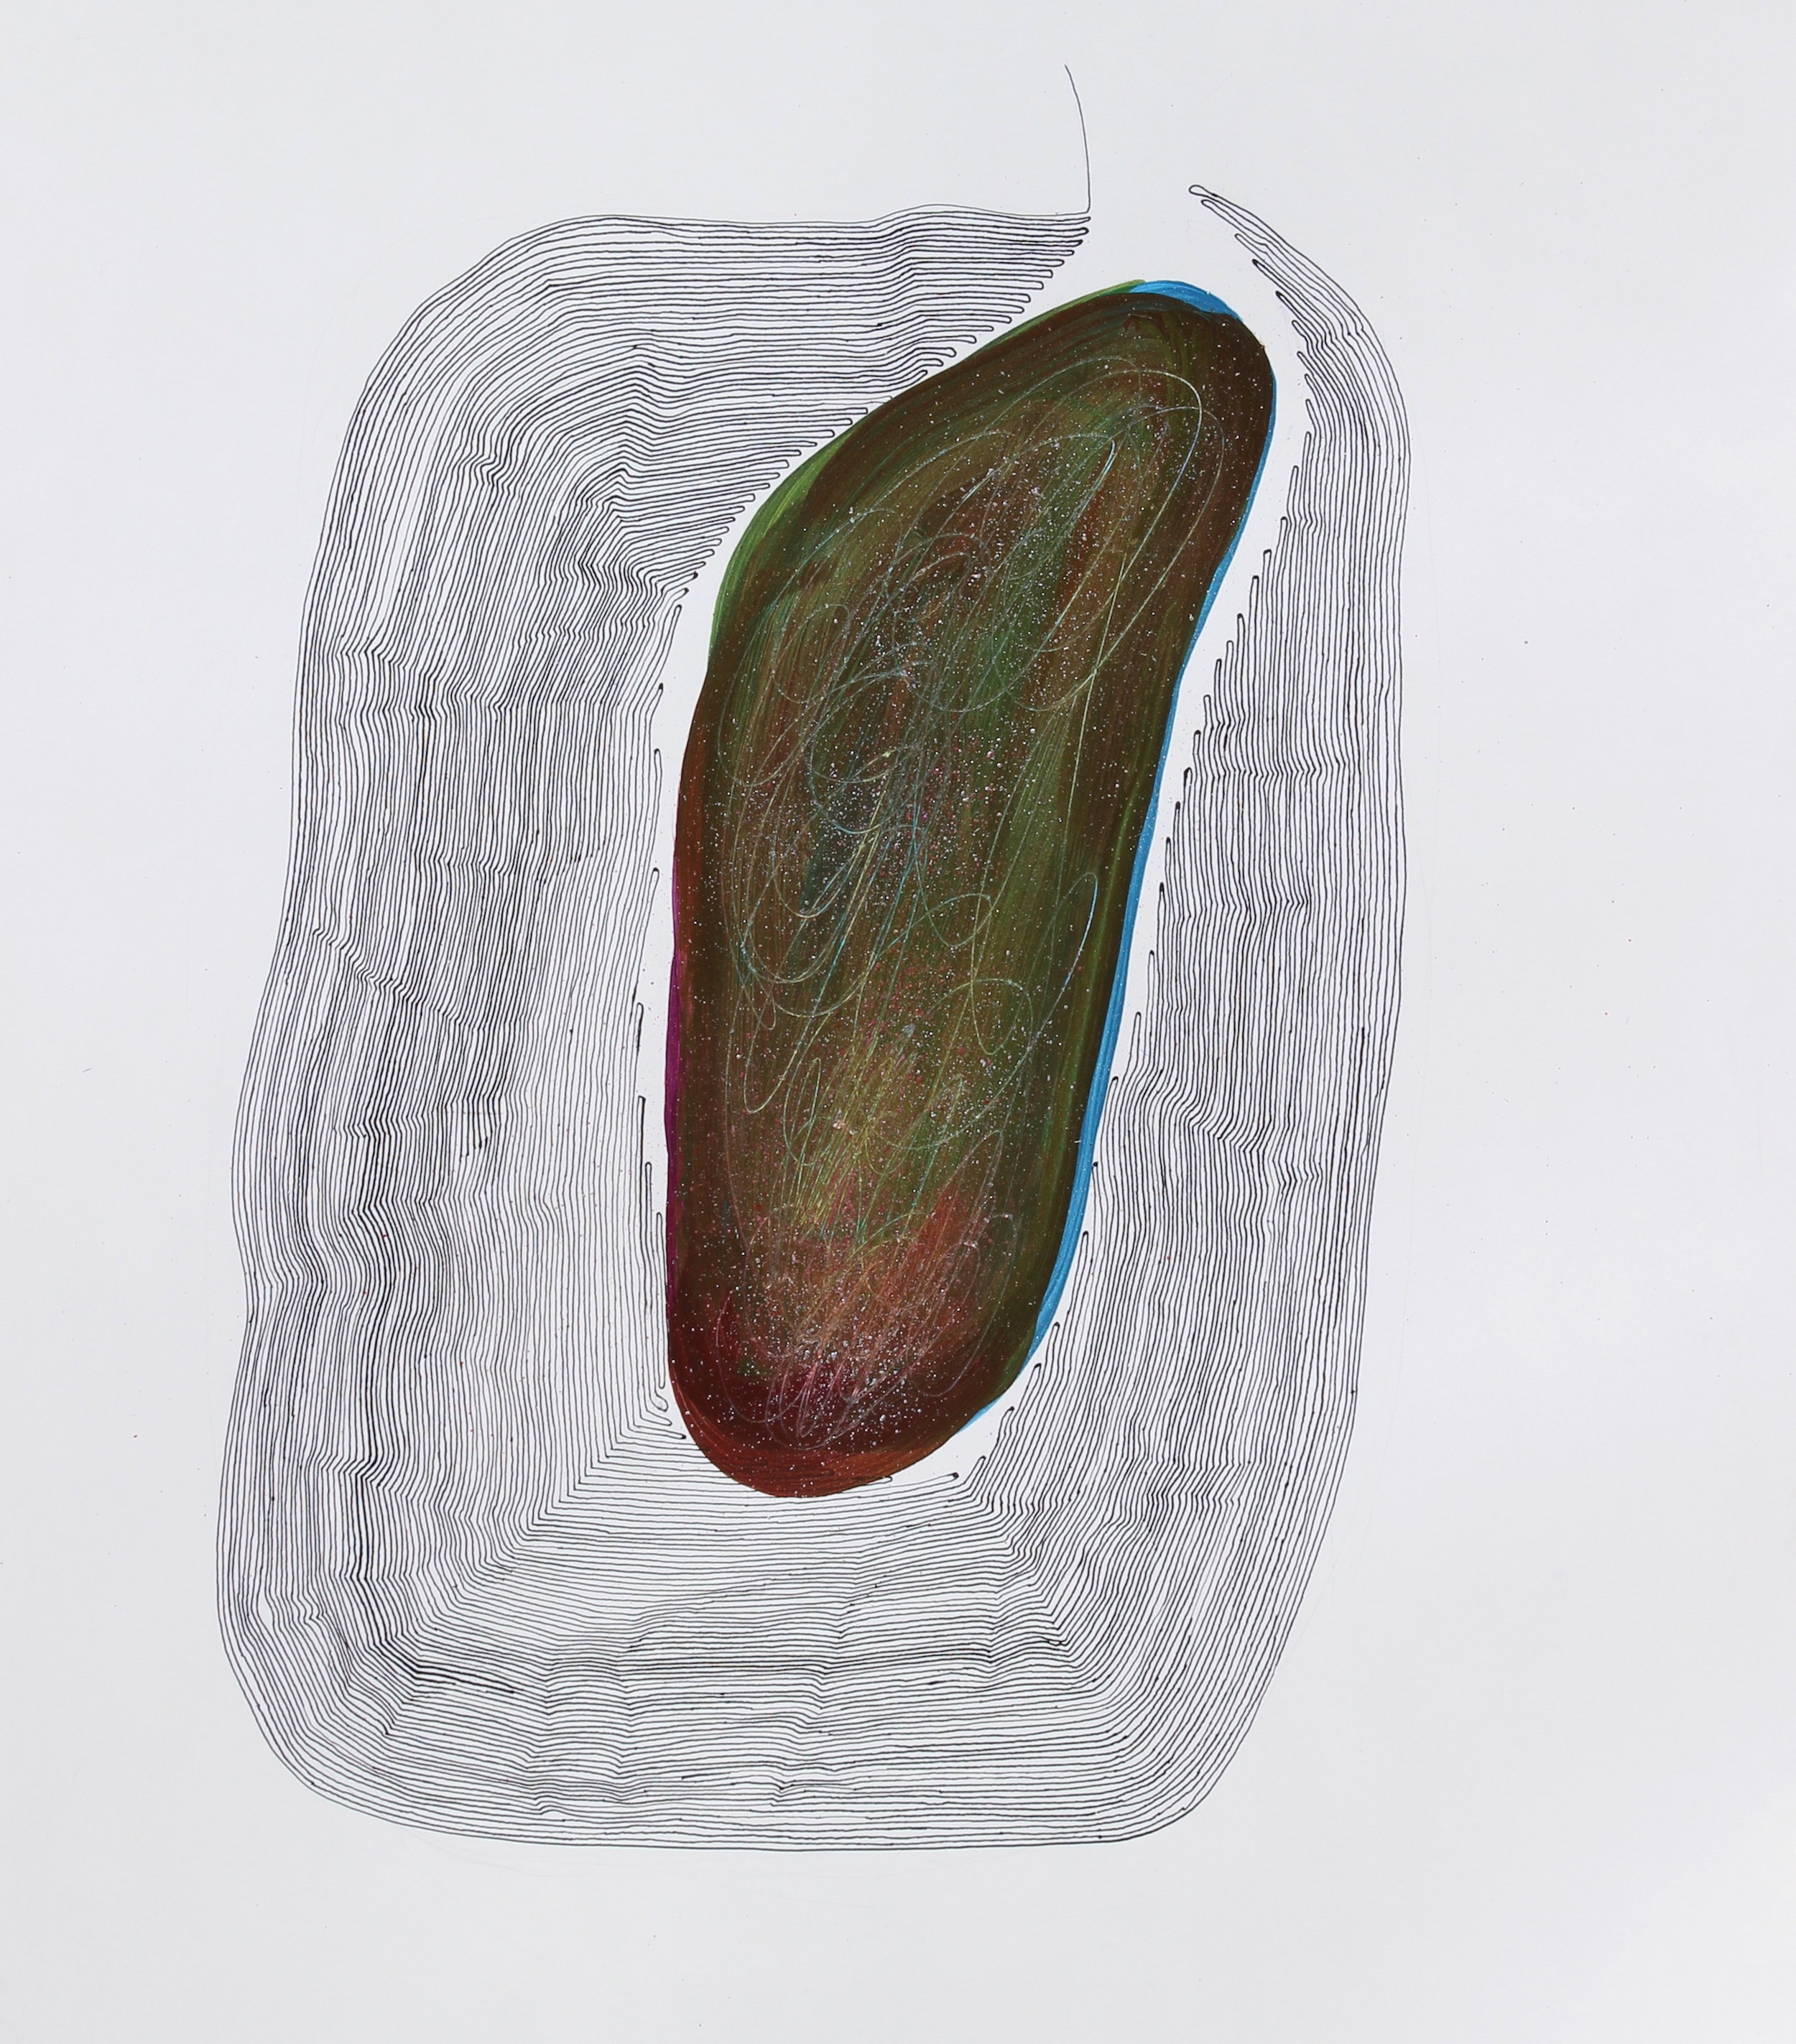 Joel Moskowitz,  The Slumbering Earth,  Acrylic on paper, 19x15